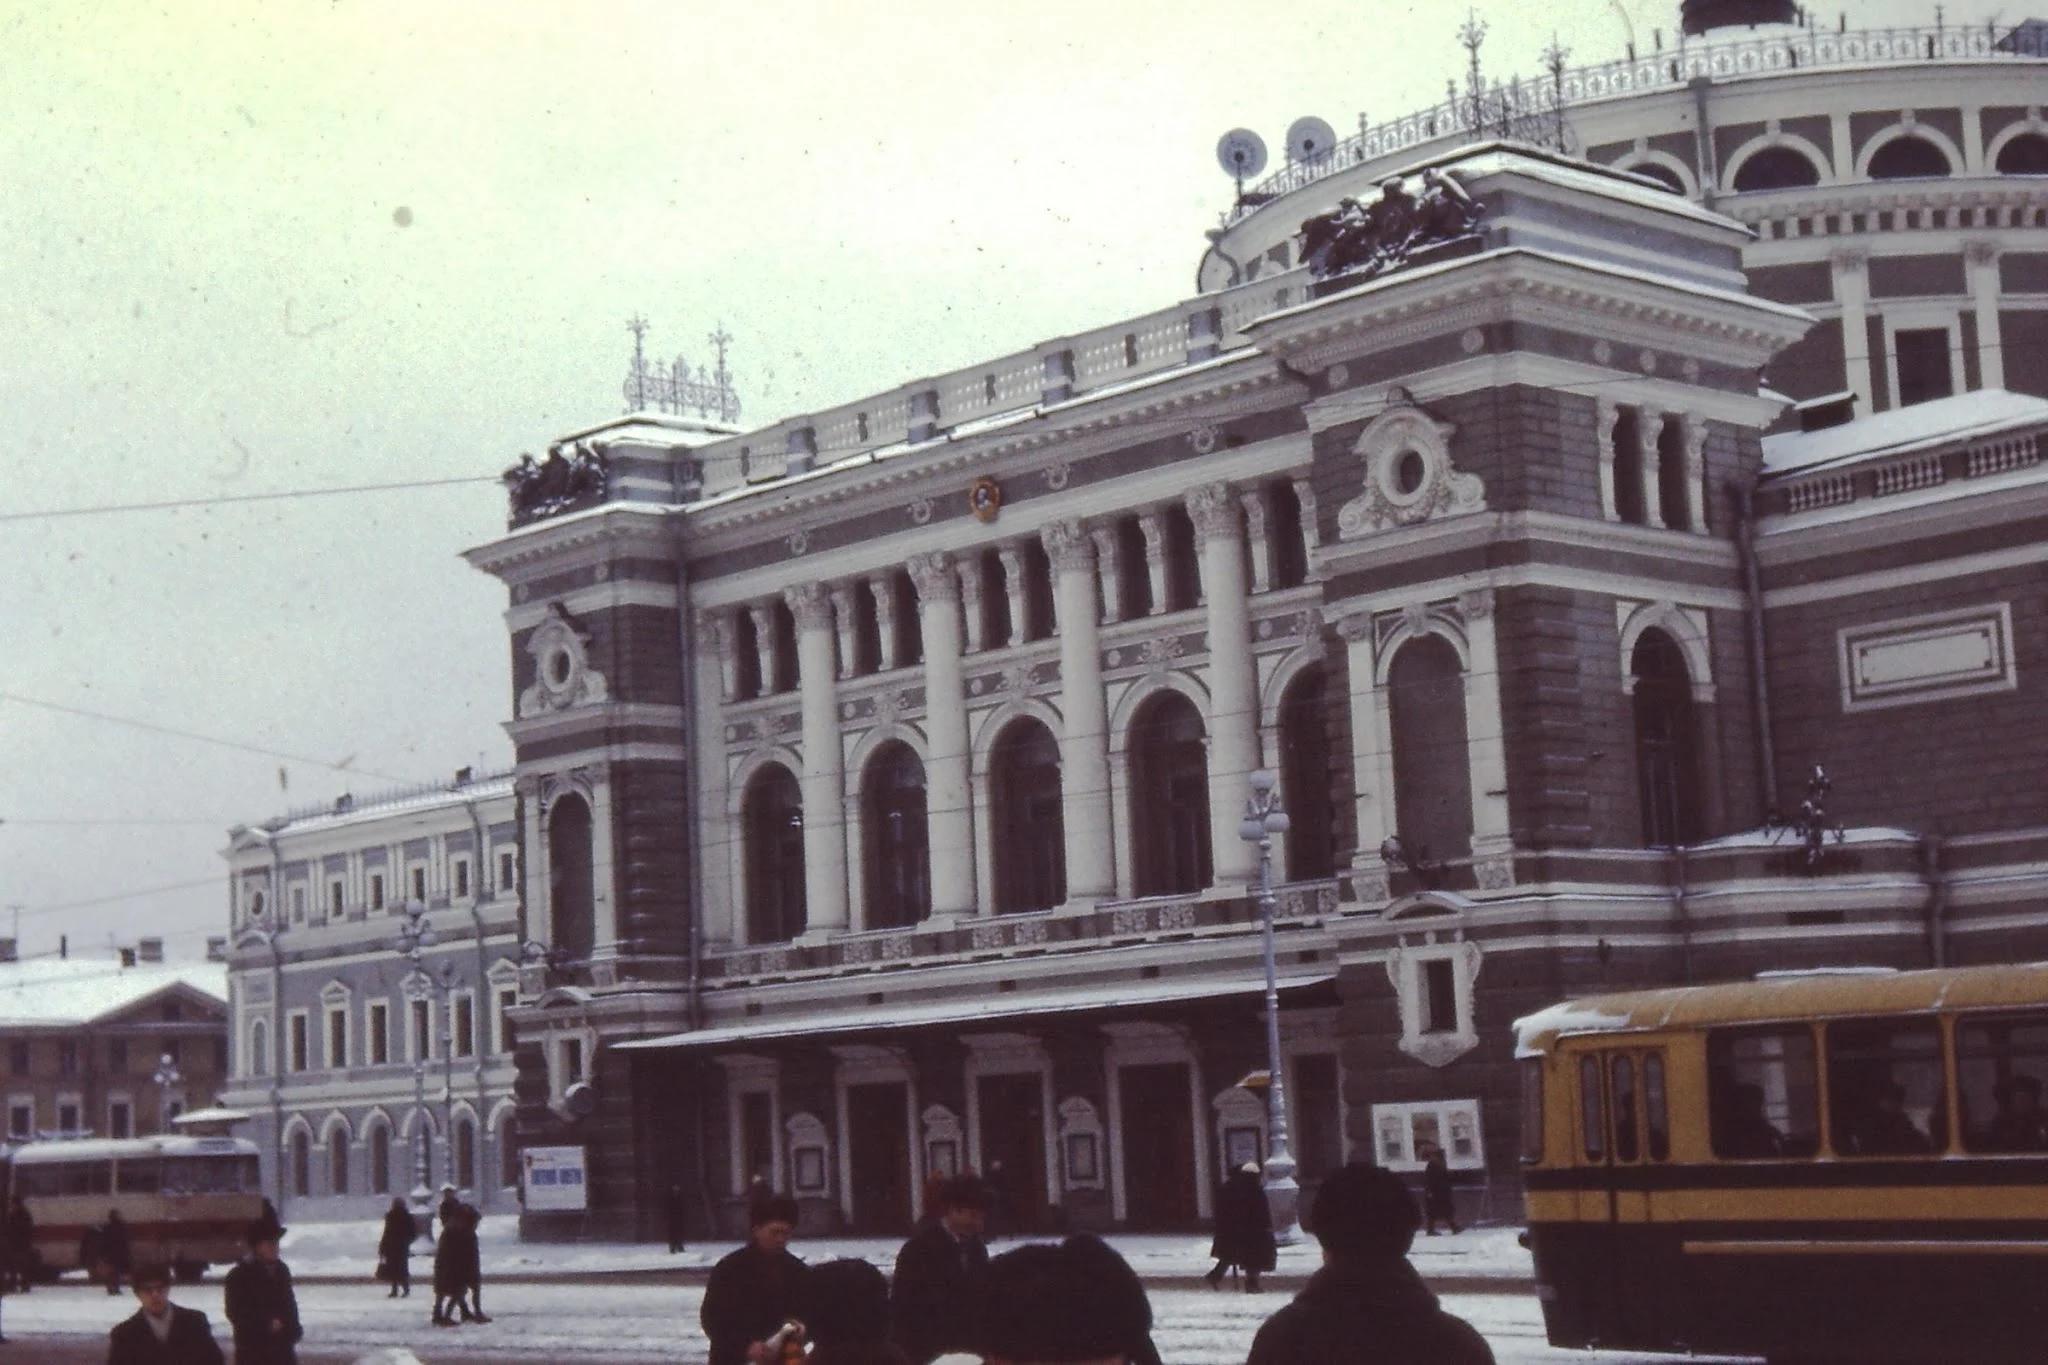 Кировский театр. Он был восстановлен. Мы с Гарри Леноблем едем сегодня на оперу Доницетти «Лючия ди Ламмермур»